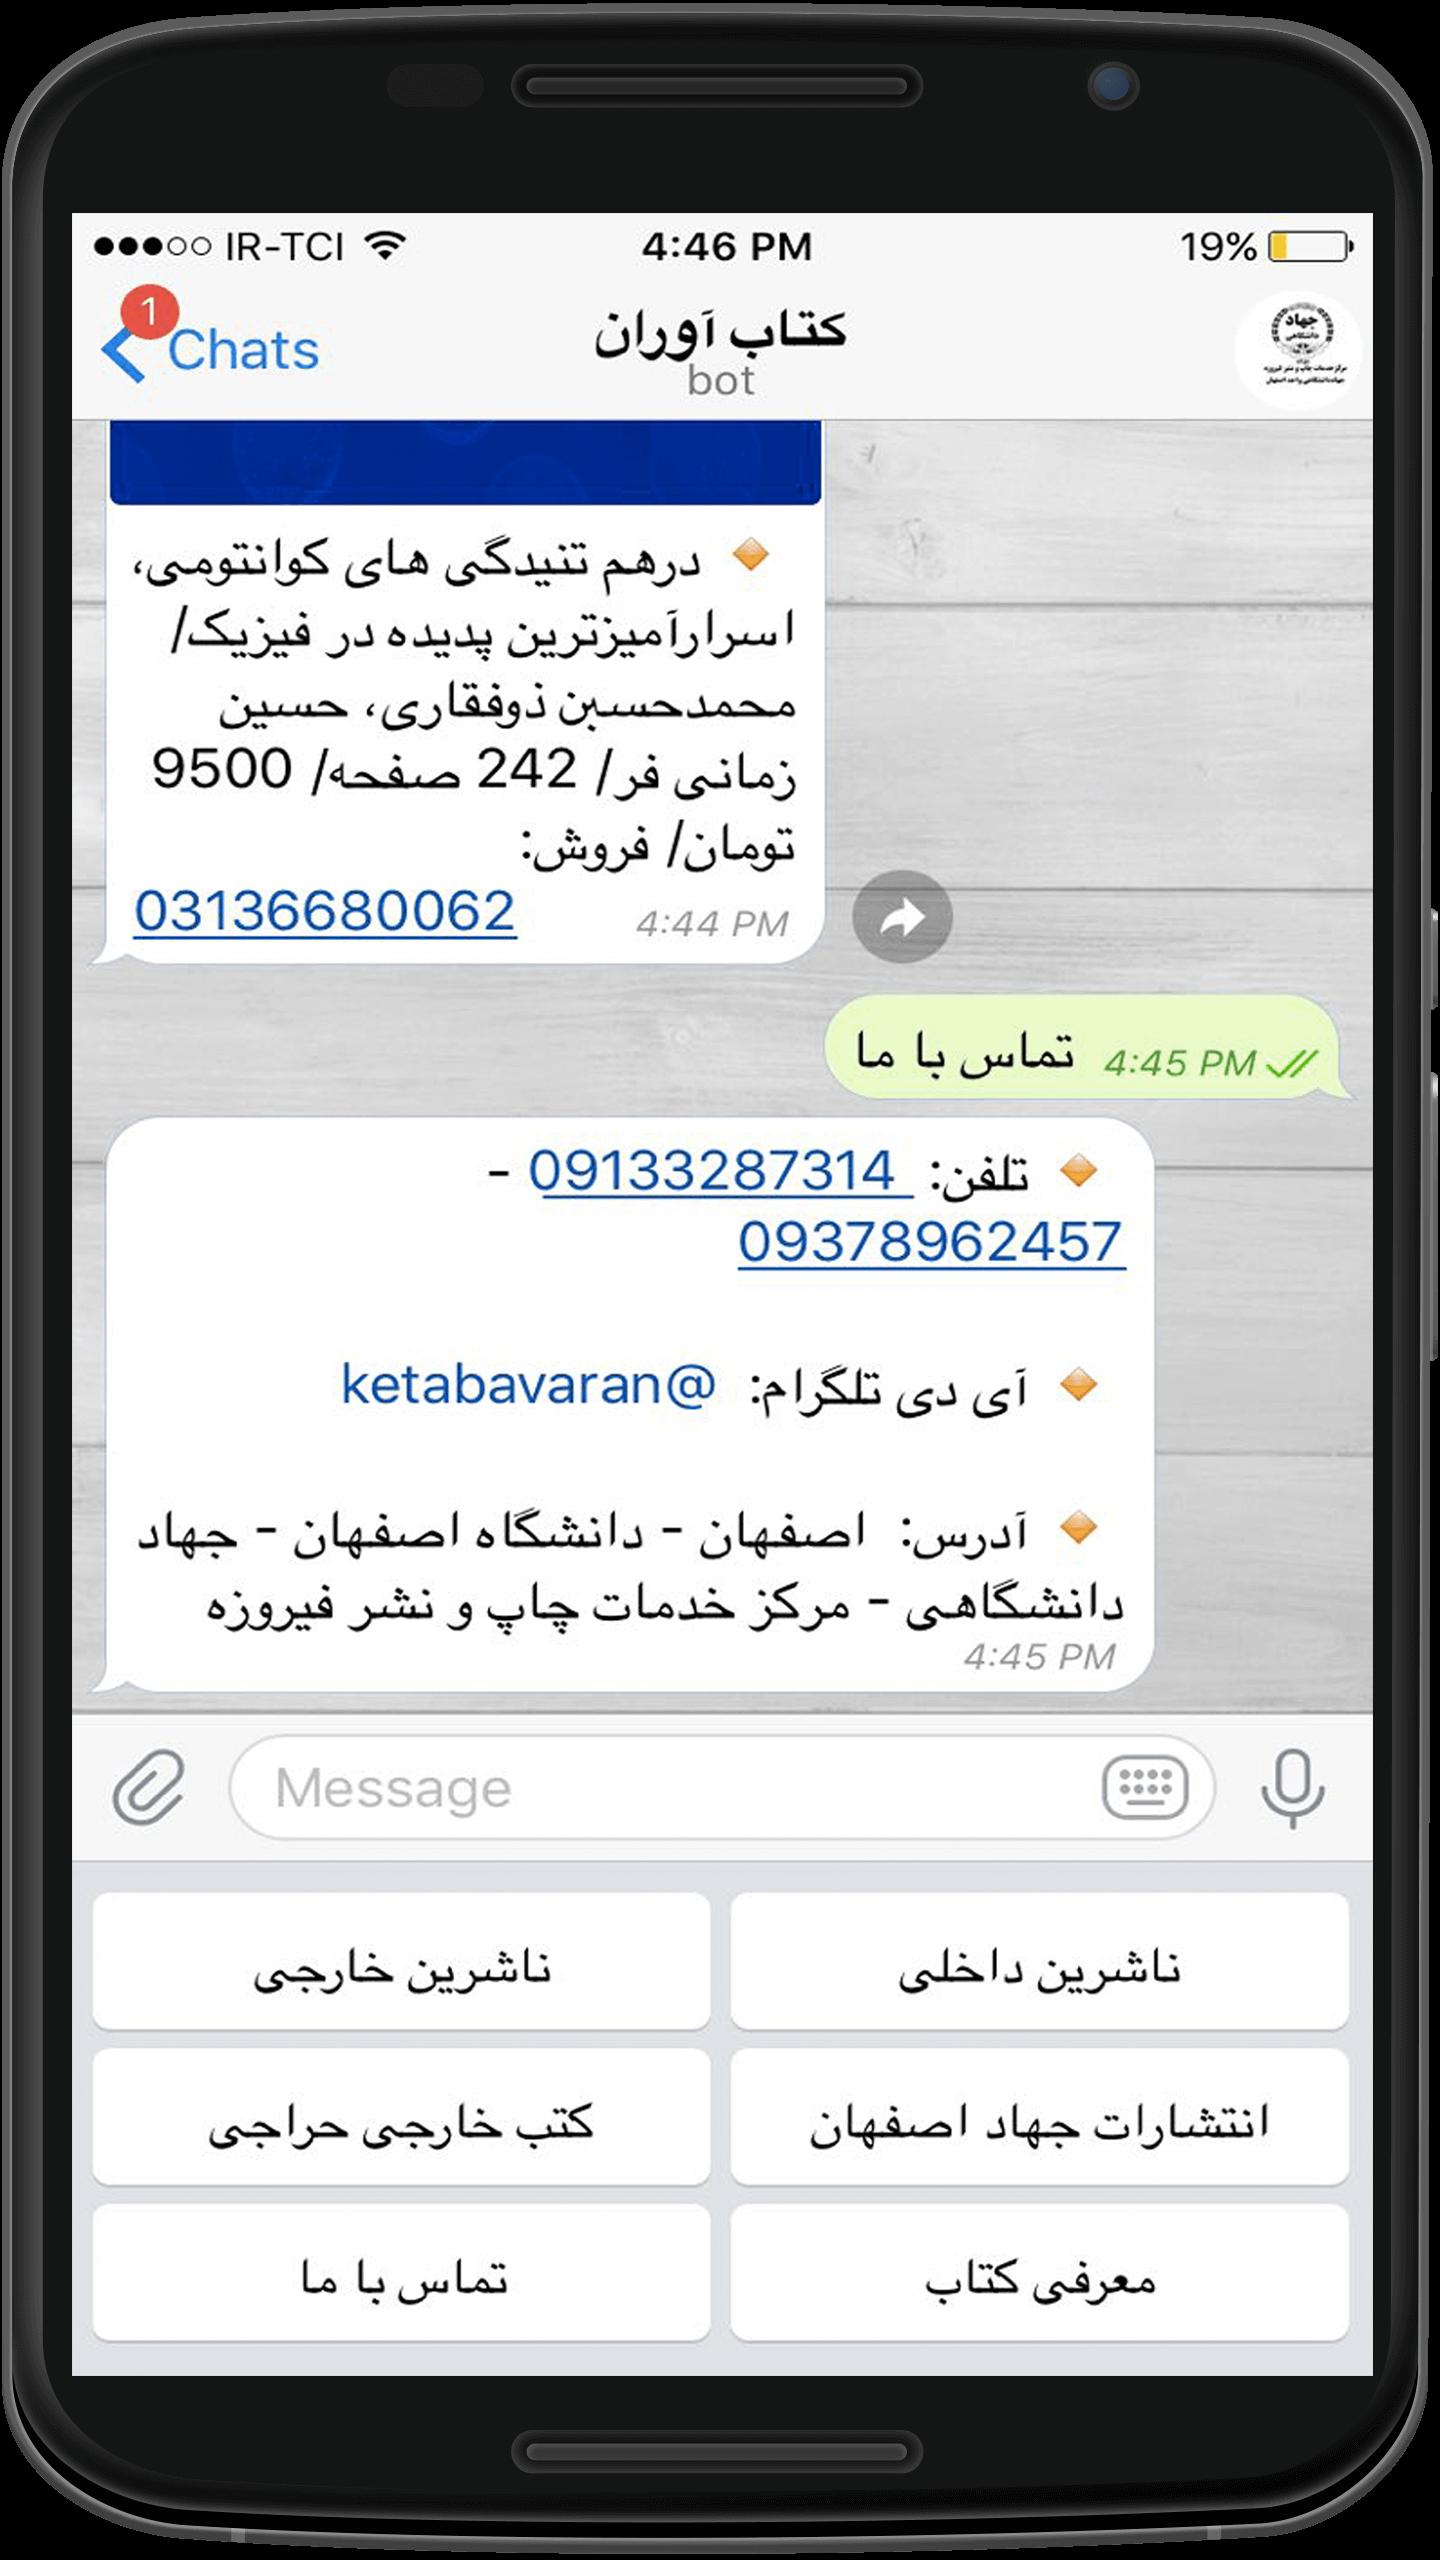 ربات تلگرام کتاب آوران | ربات جهاد دانشگاهی اصفهان | لیست کتب ناشرین داخلی و خارجی